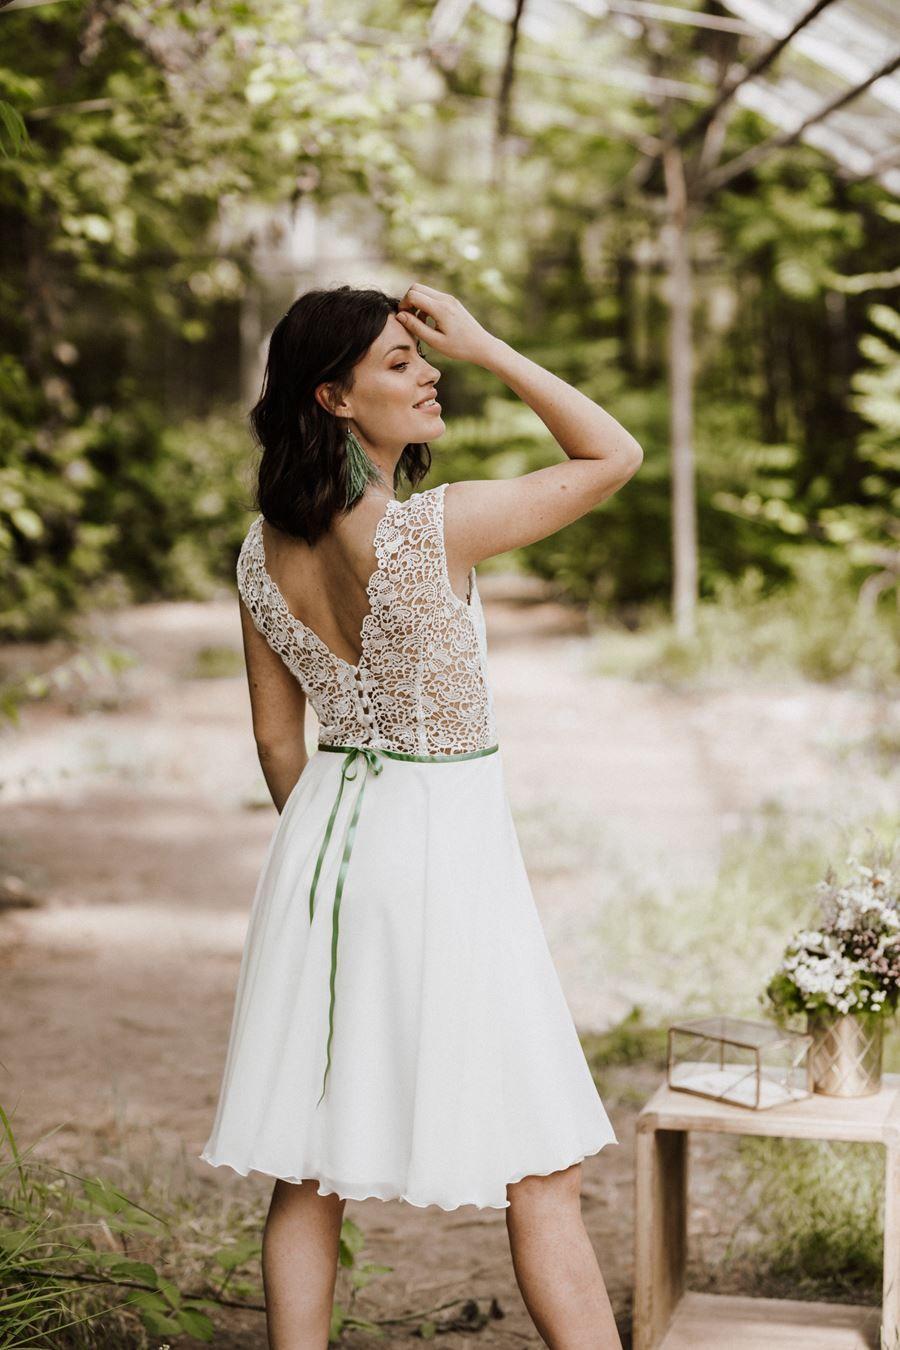 Kurze Brautkleider nicht nur fürs Standesamt von Claudia Heller in